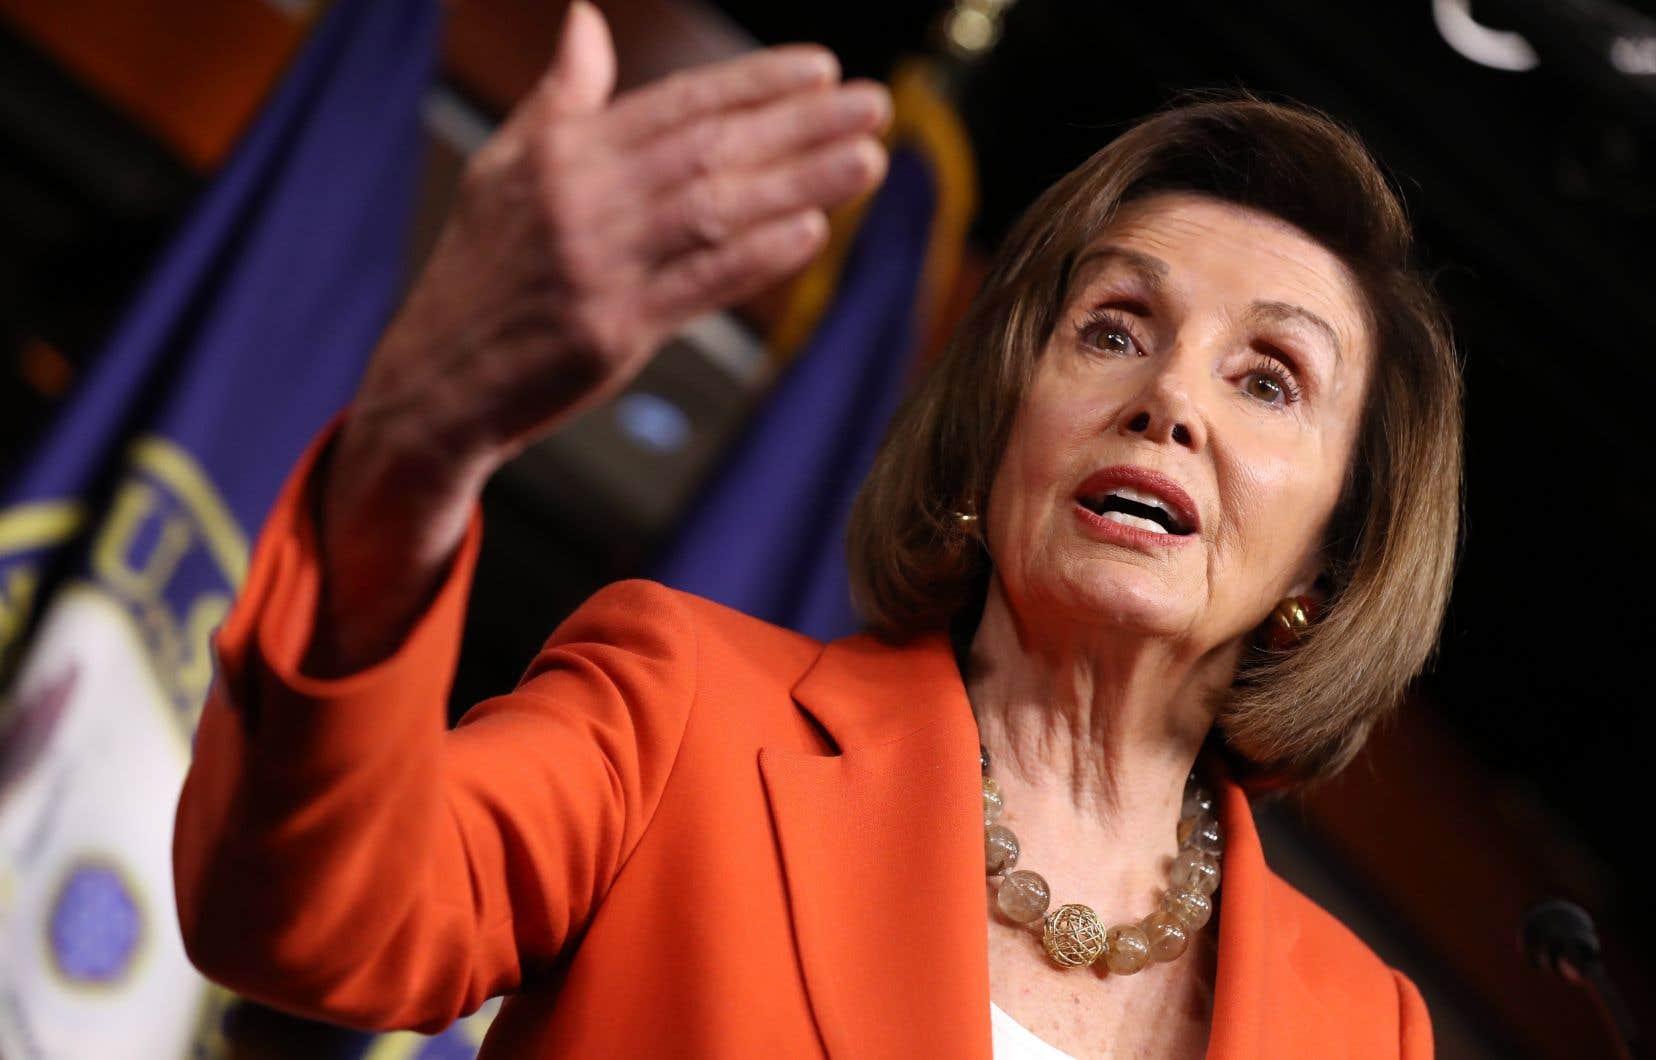 «C'est notre démocratie qui est en jeu», a affirmé la présidente démocrate de la Chambre des représentants, Nancy Pelosi.